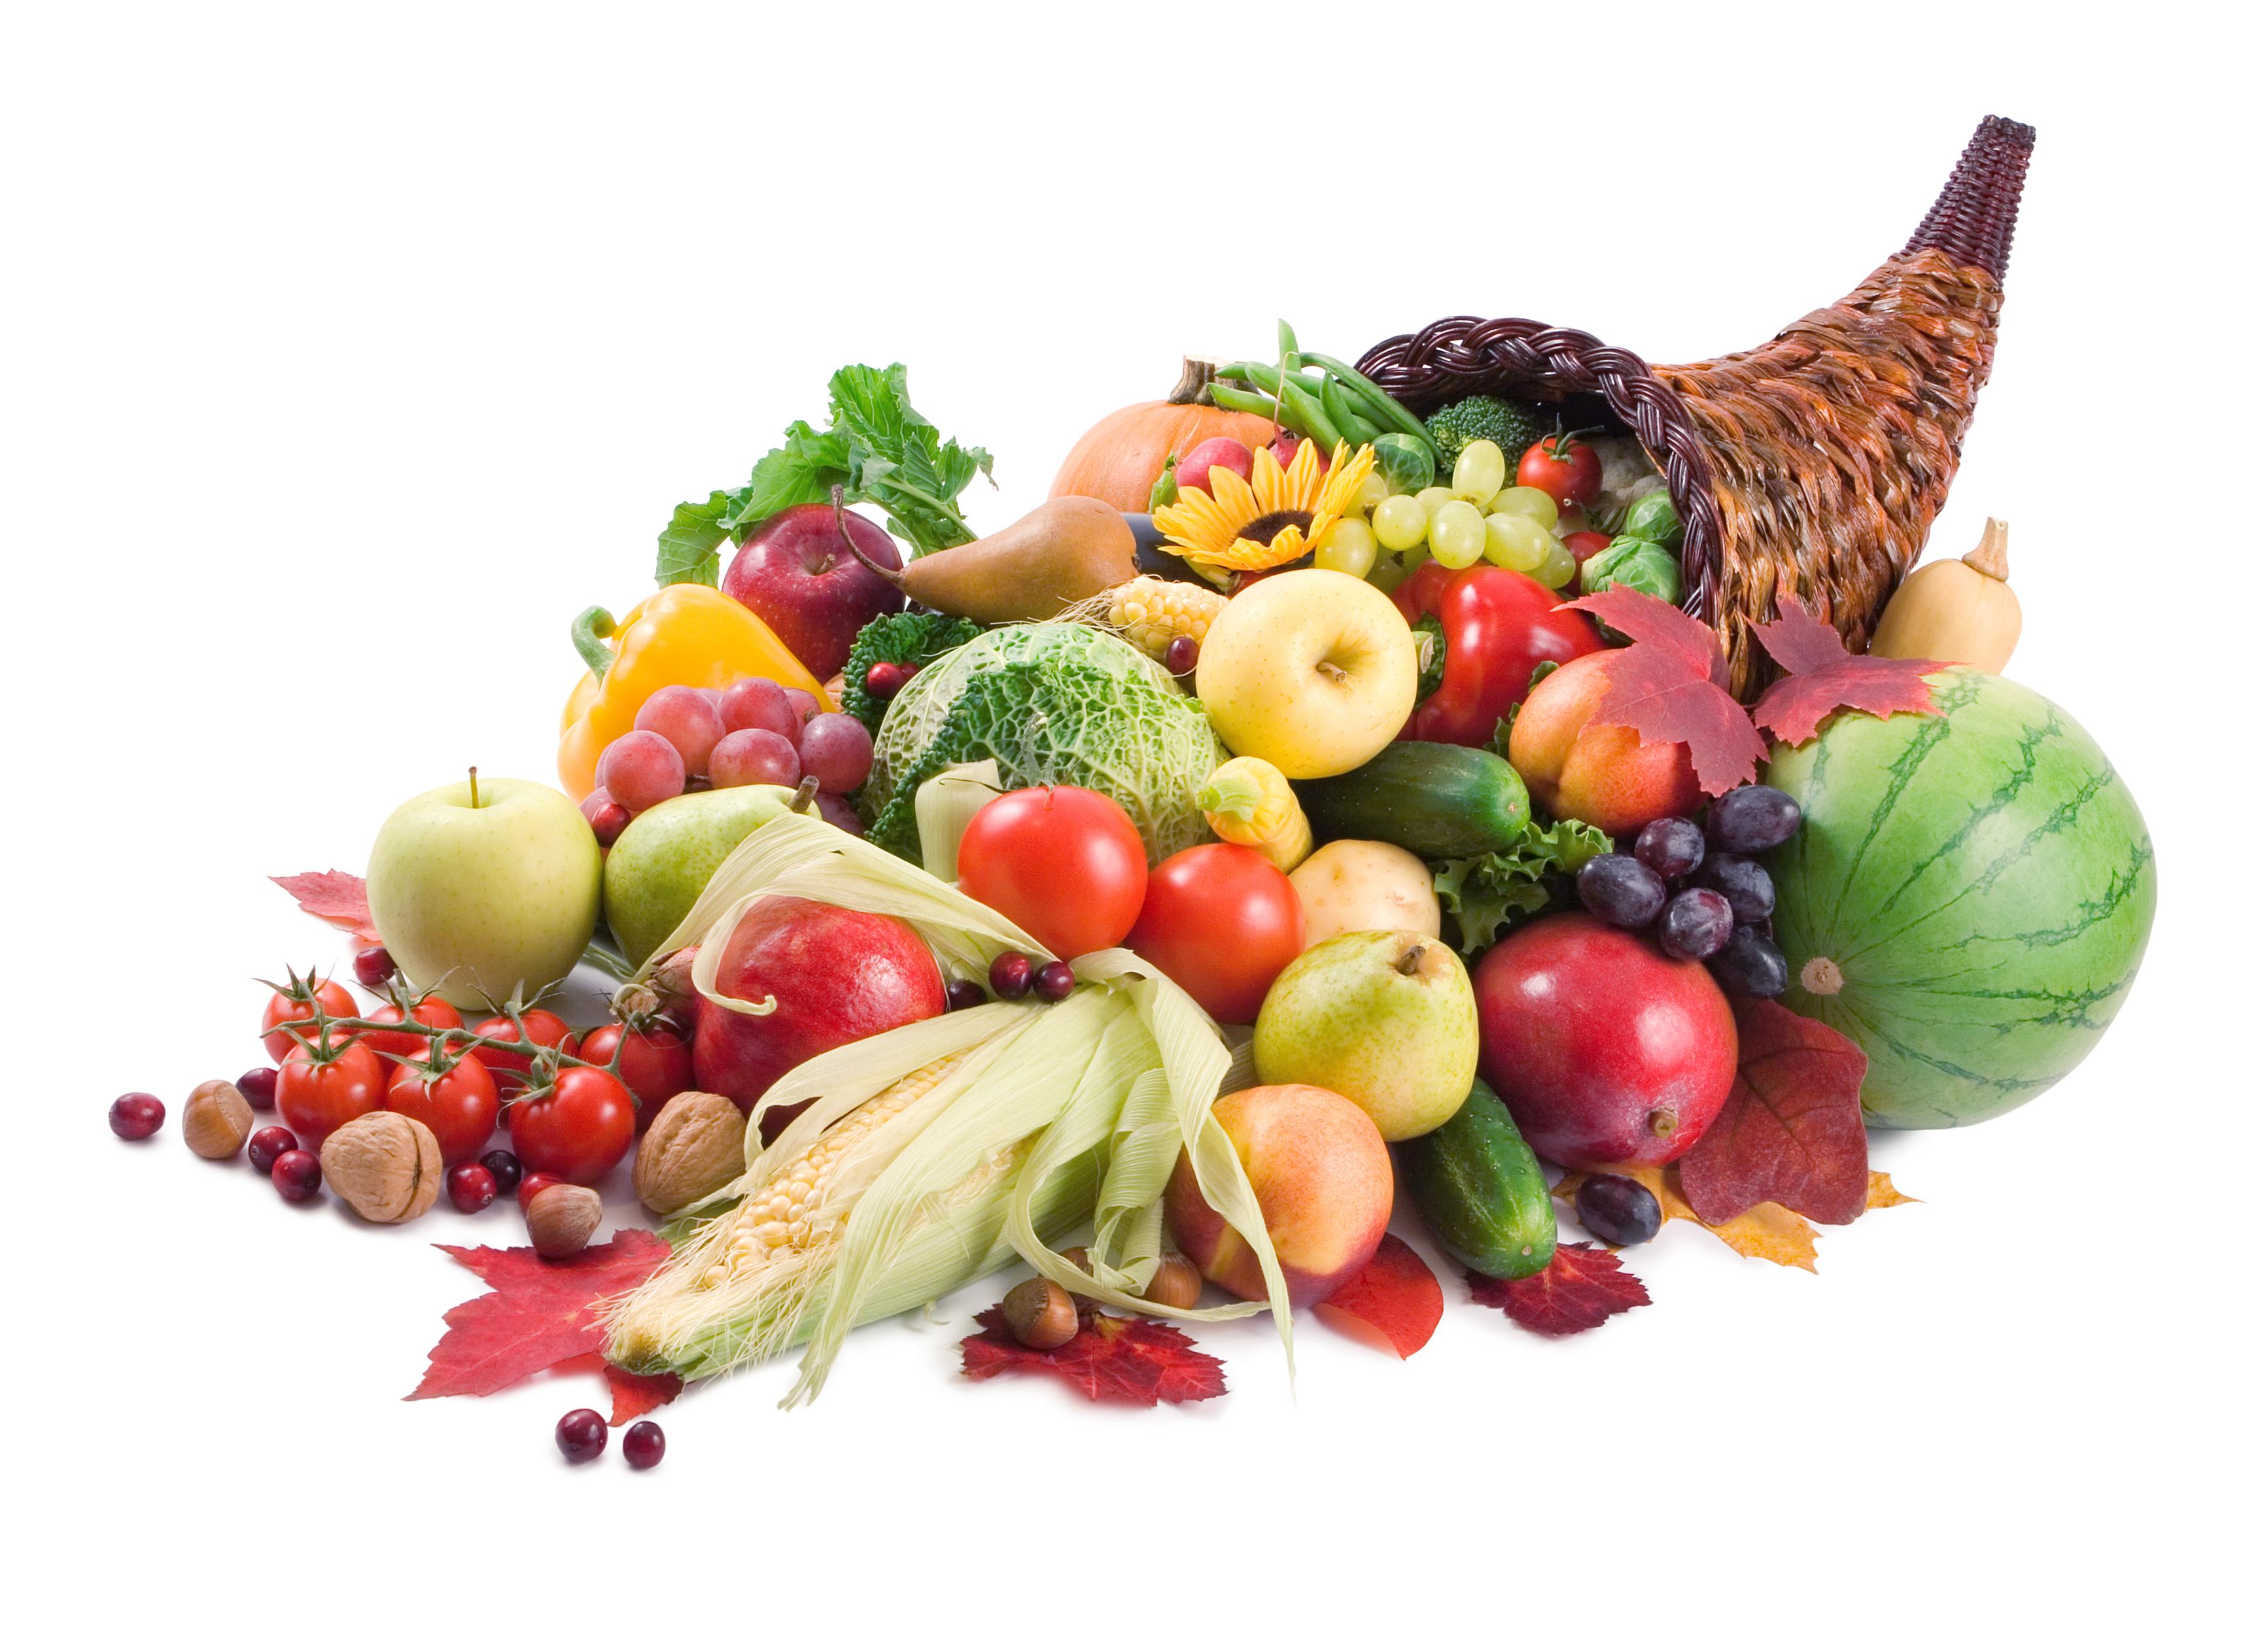 هذه الخضروات تقوي رغباتك الجنسية